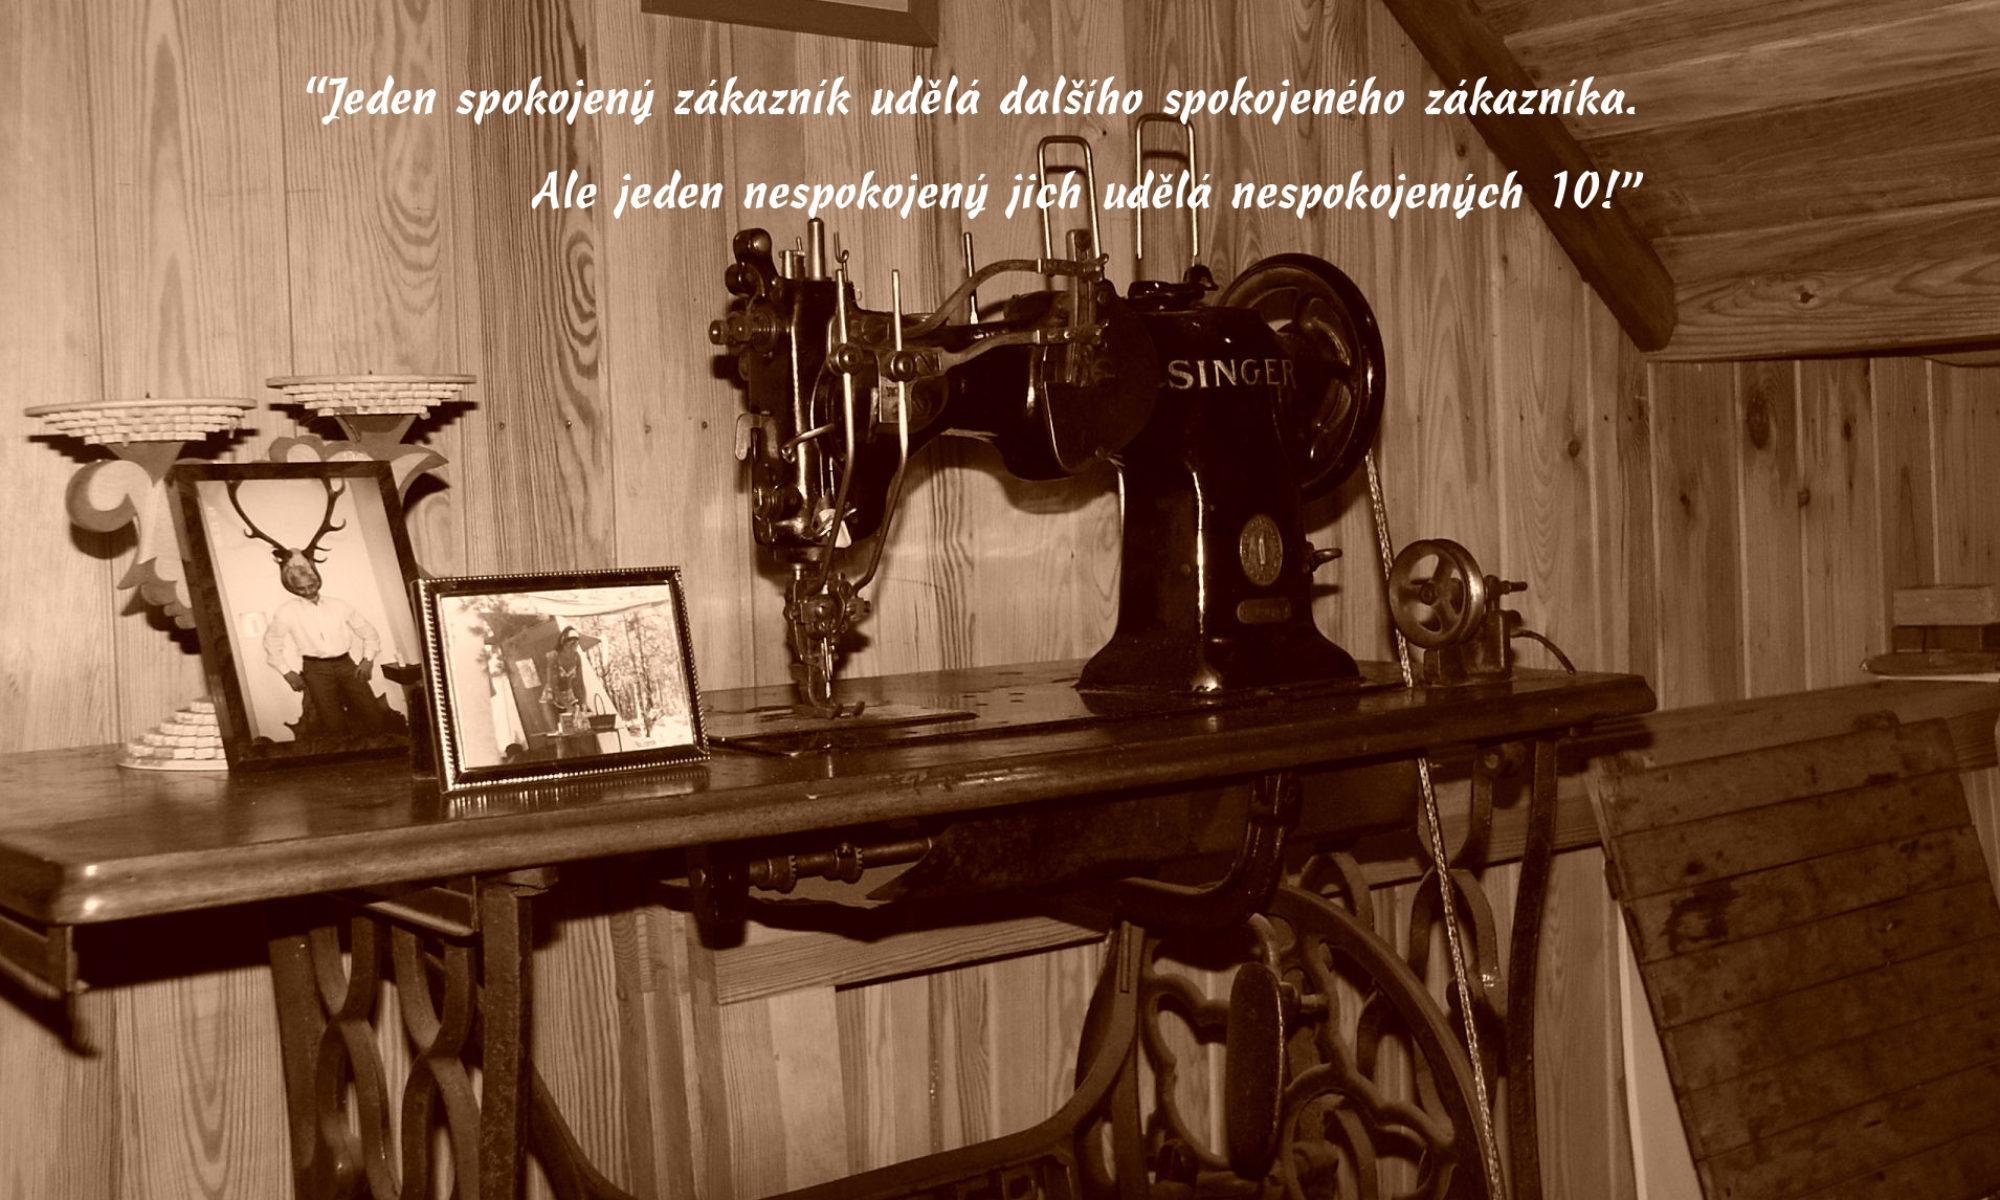 Jiří Lučan - servis šicích strojů od roku 1982